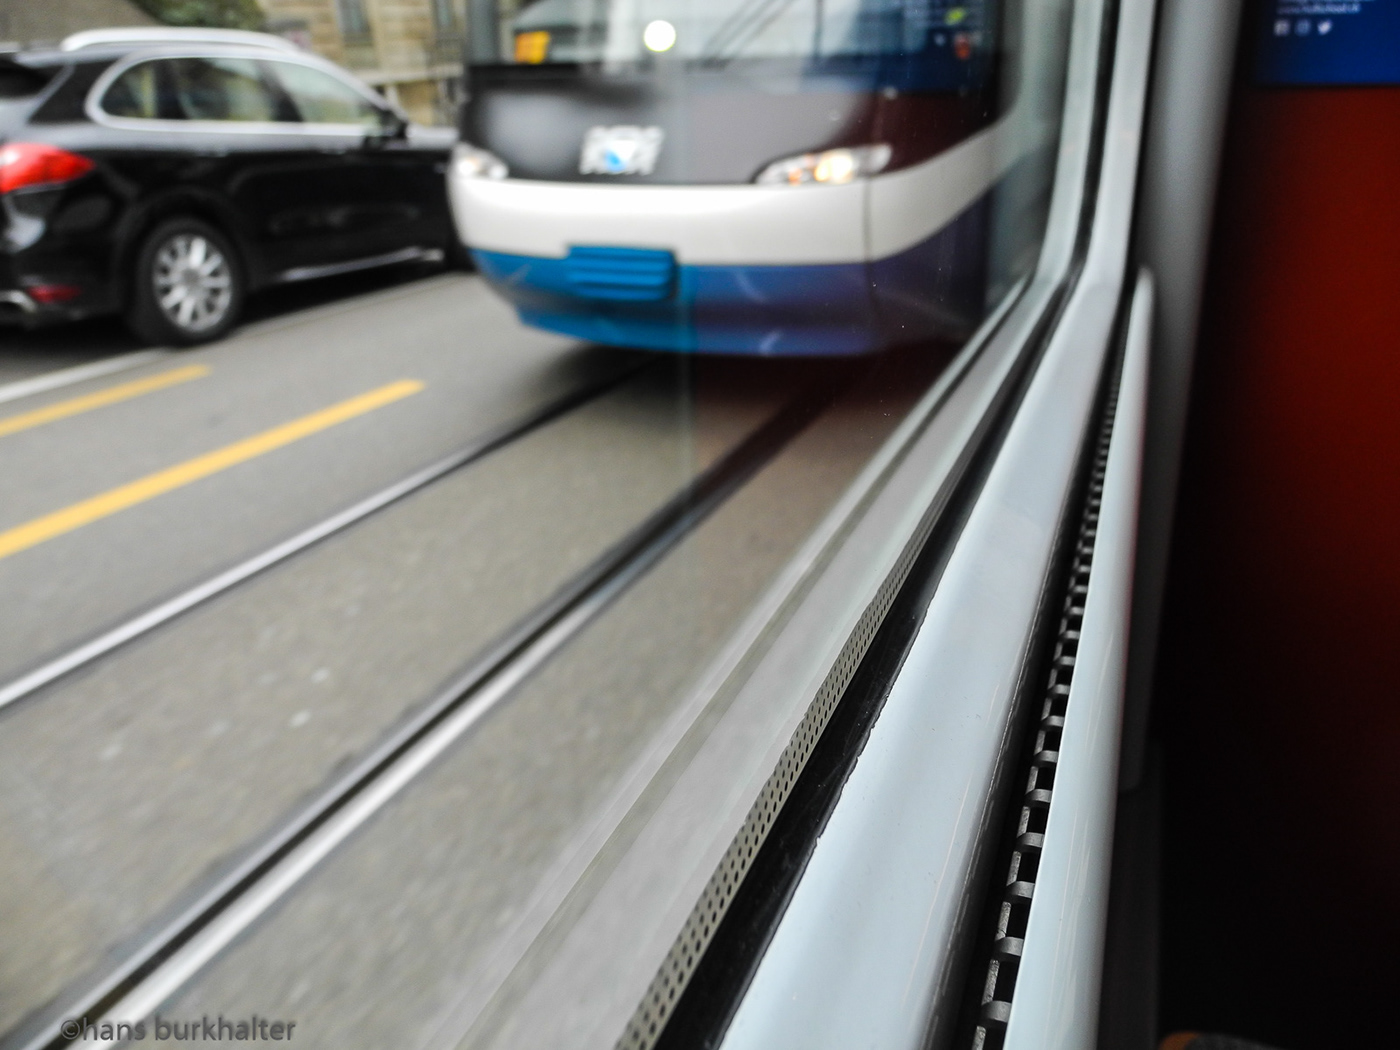 Burkhalter city eisenbahn öffentlicher Verkehr public transport railroad stadt straßenbahn traffic tram